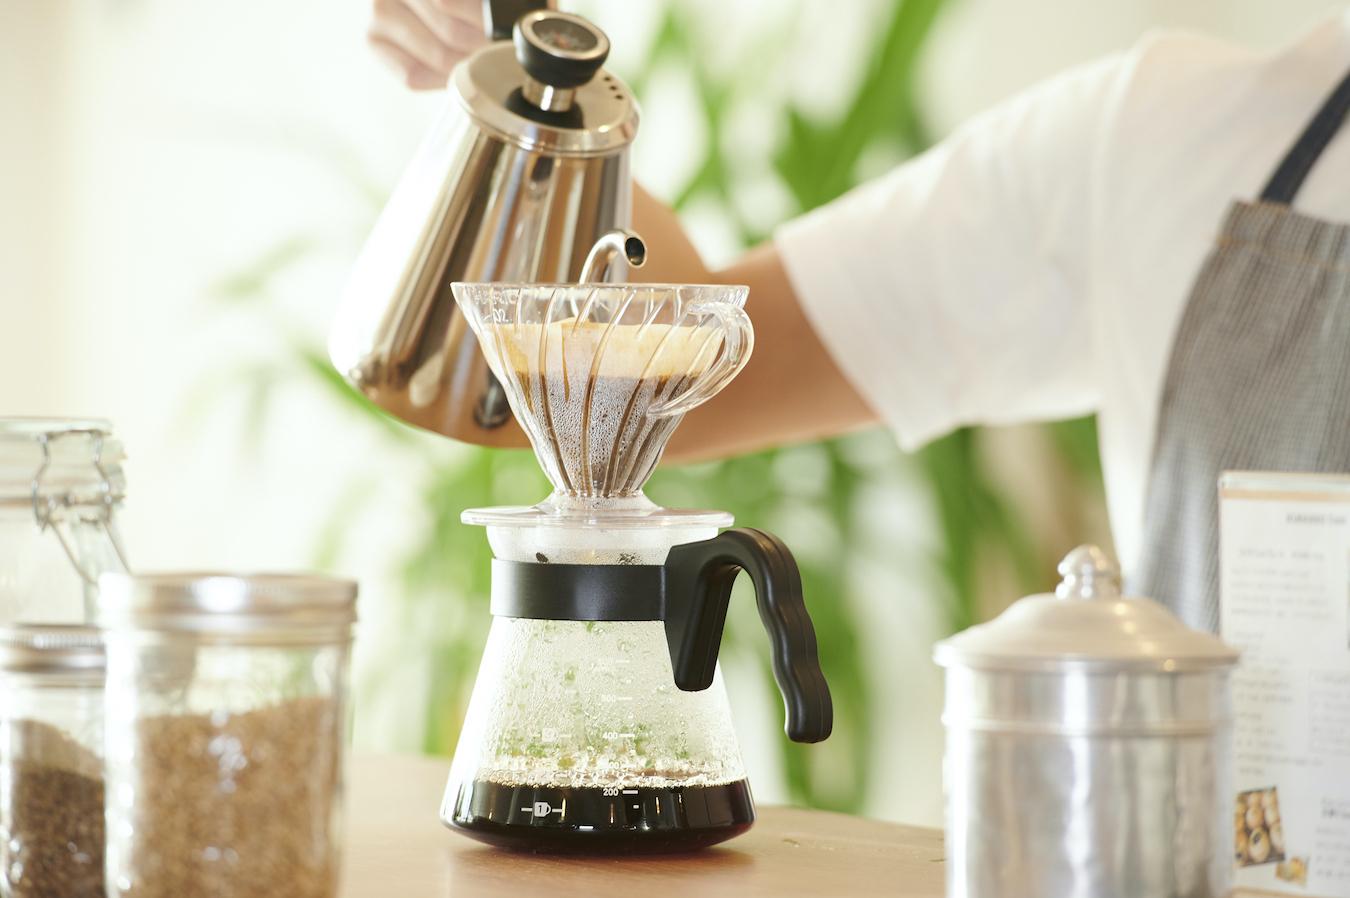 いつものコーヒーが飲めなくなるかも?コーヒーの2050年問題とは?